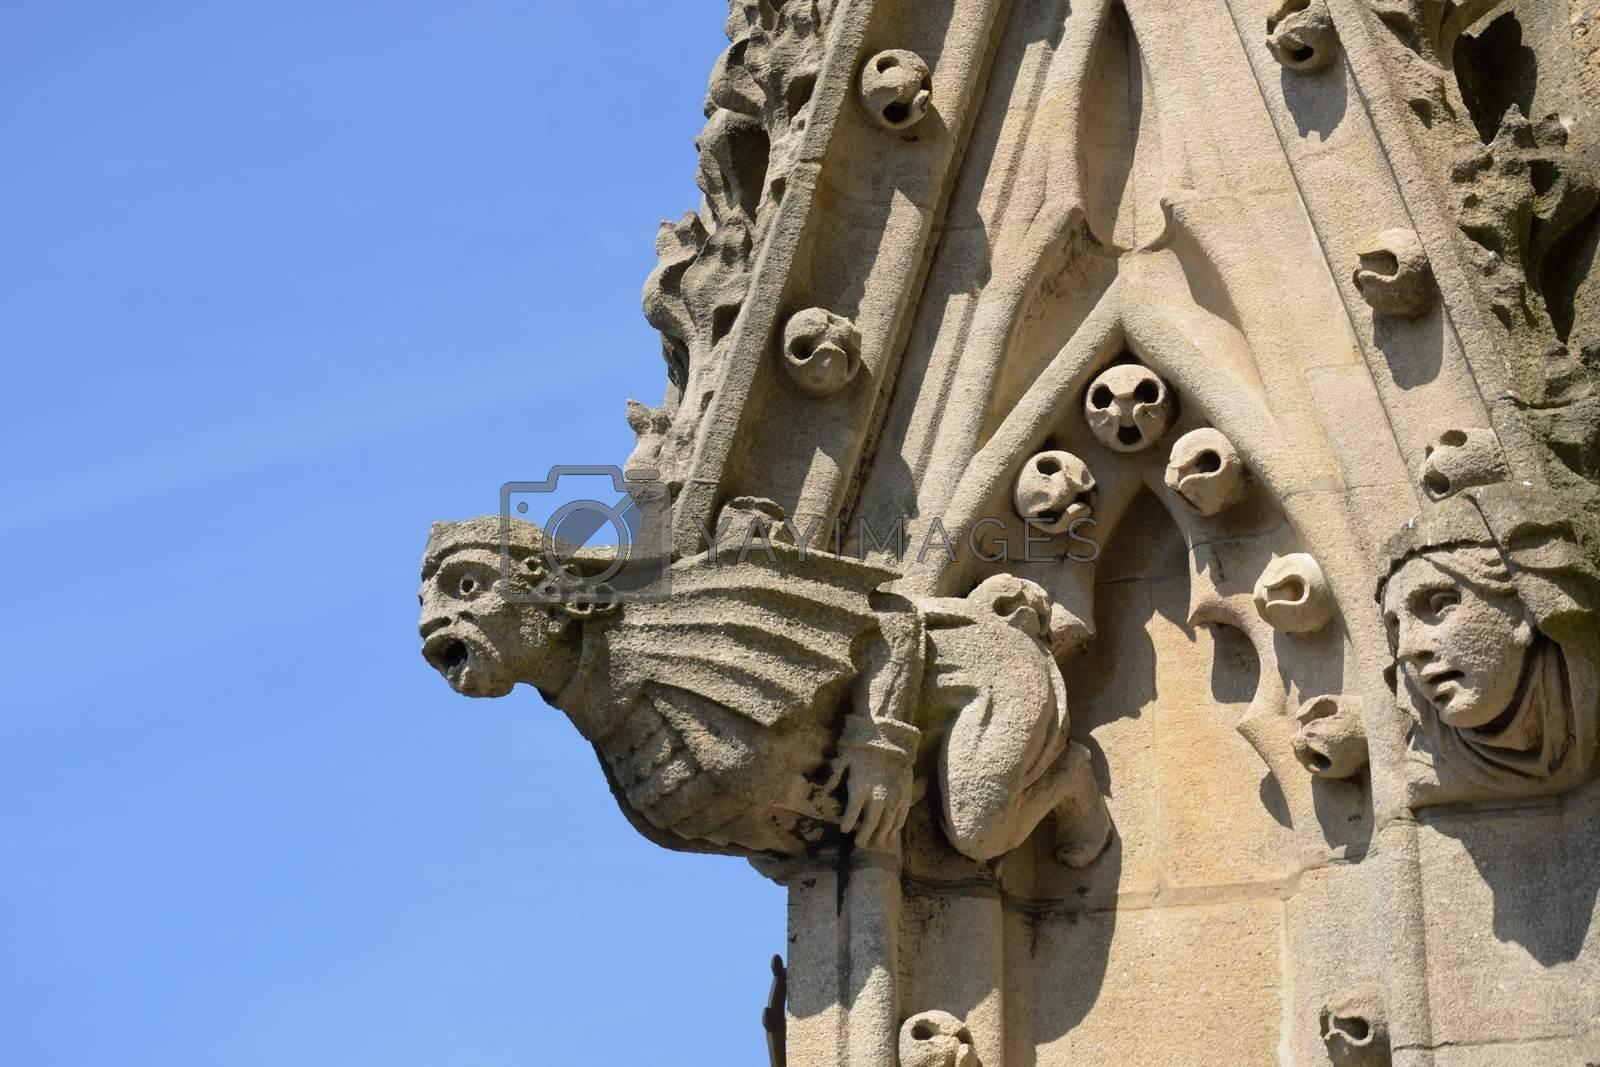 Gargoyle on side of Church